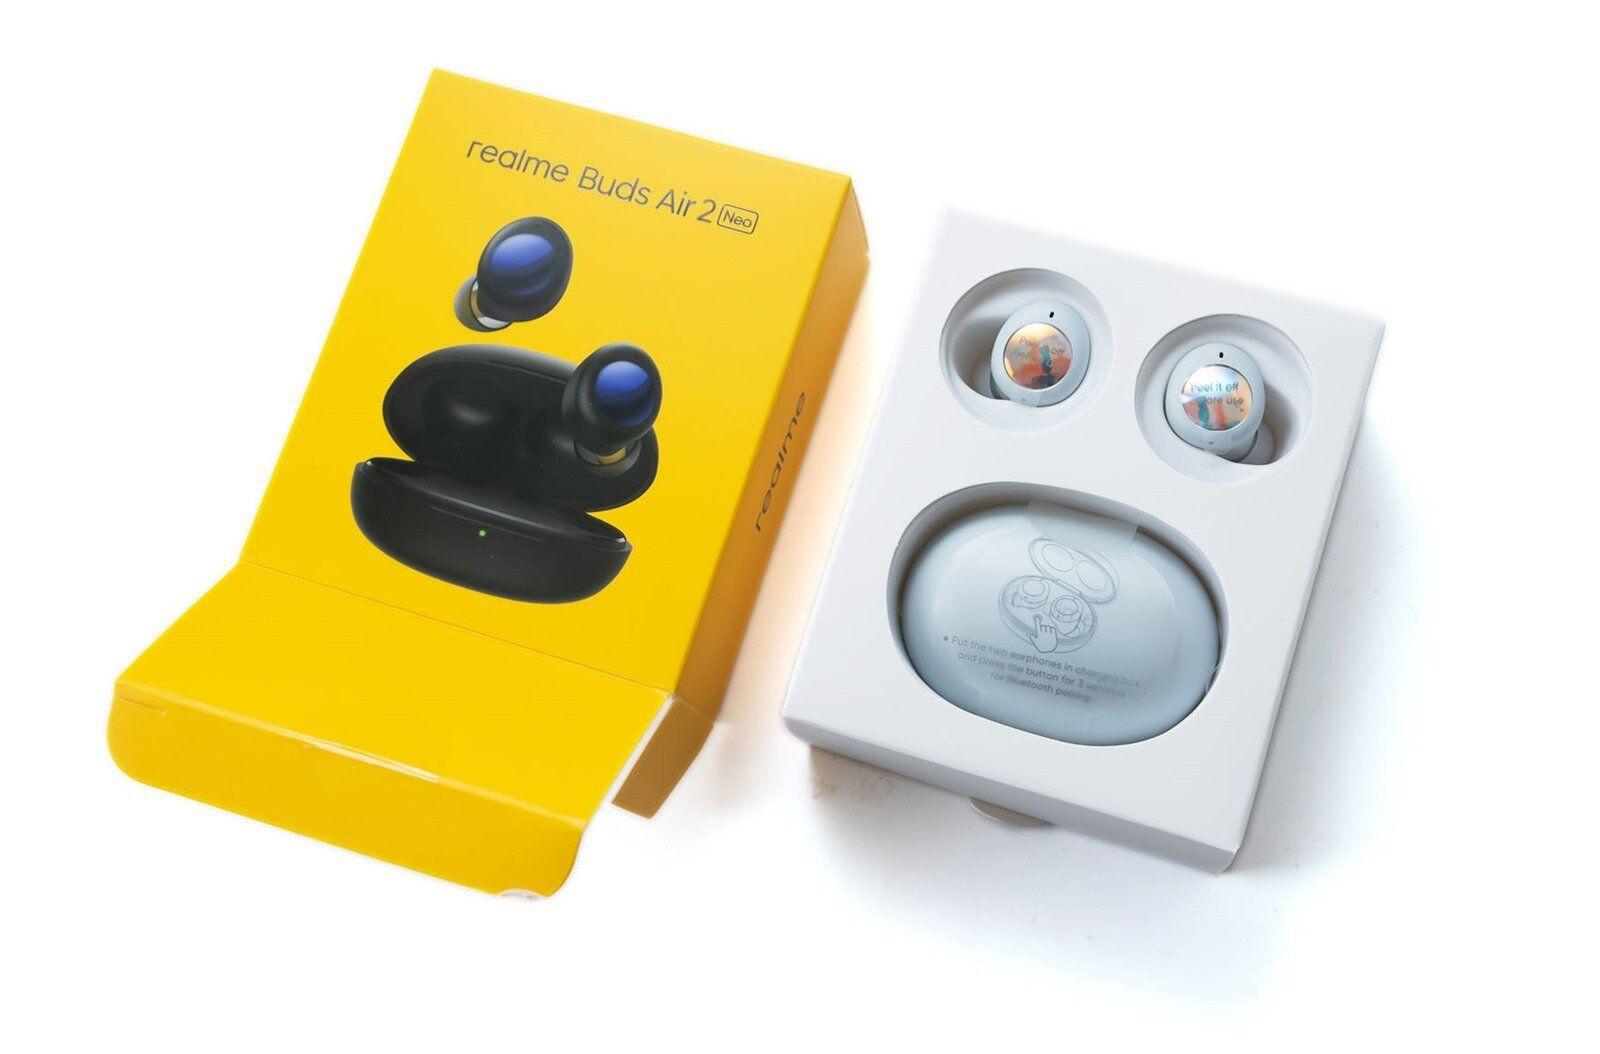 主動降噪耳機輕鬆入手!realme Buds Air 2 / realme Buds Air 2 Neo 挑戰性價比降噪耳機 @3C 達人廖阿輝